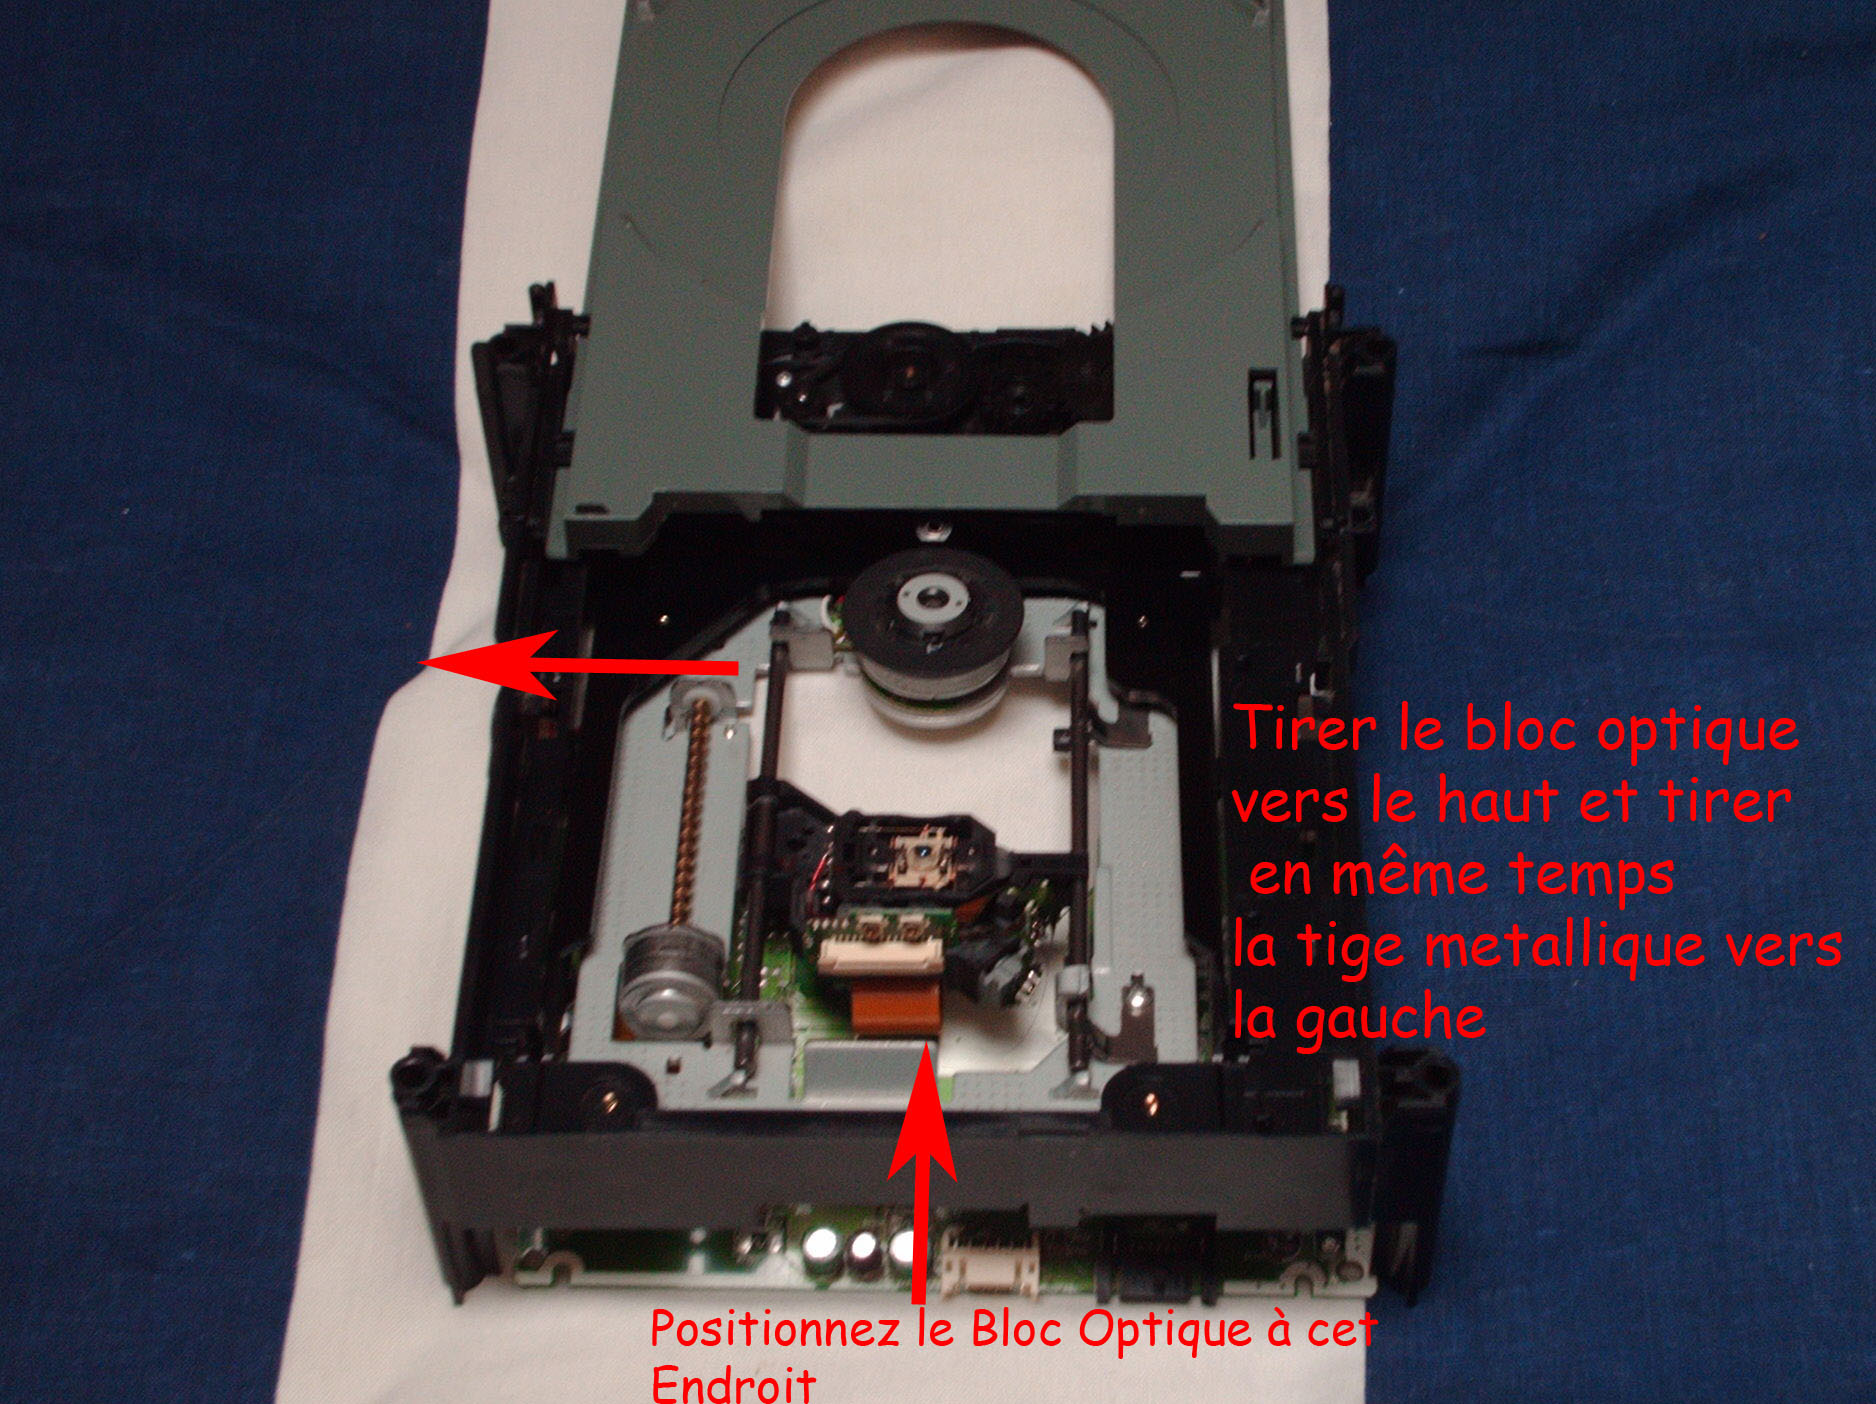 remplacer le bloc optique de son lecteur xbox 360 bricolage r paration pannes courantes. Black Bedroom Furniture Sets. Home Design Ideas